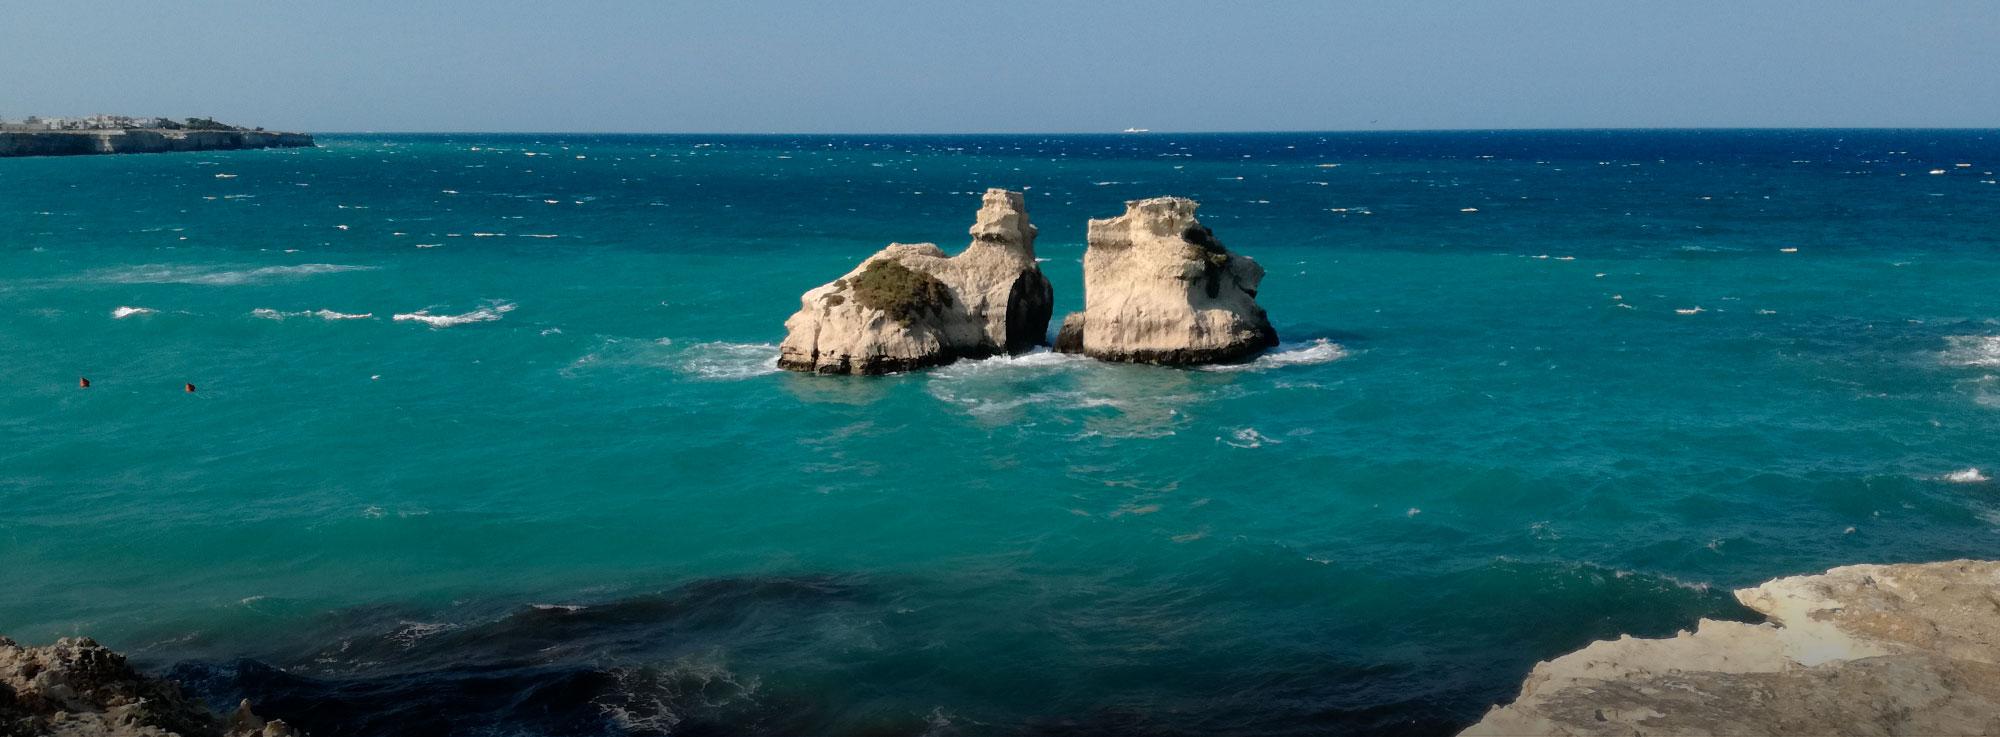 roca vecchia e torre dellorso